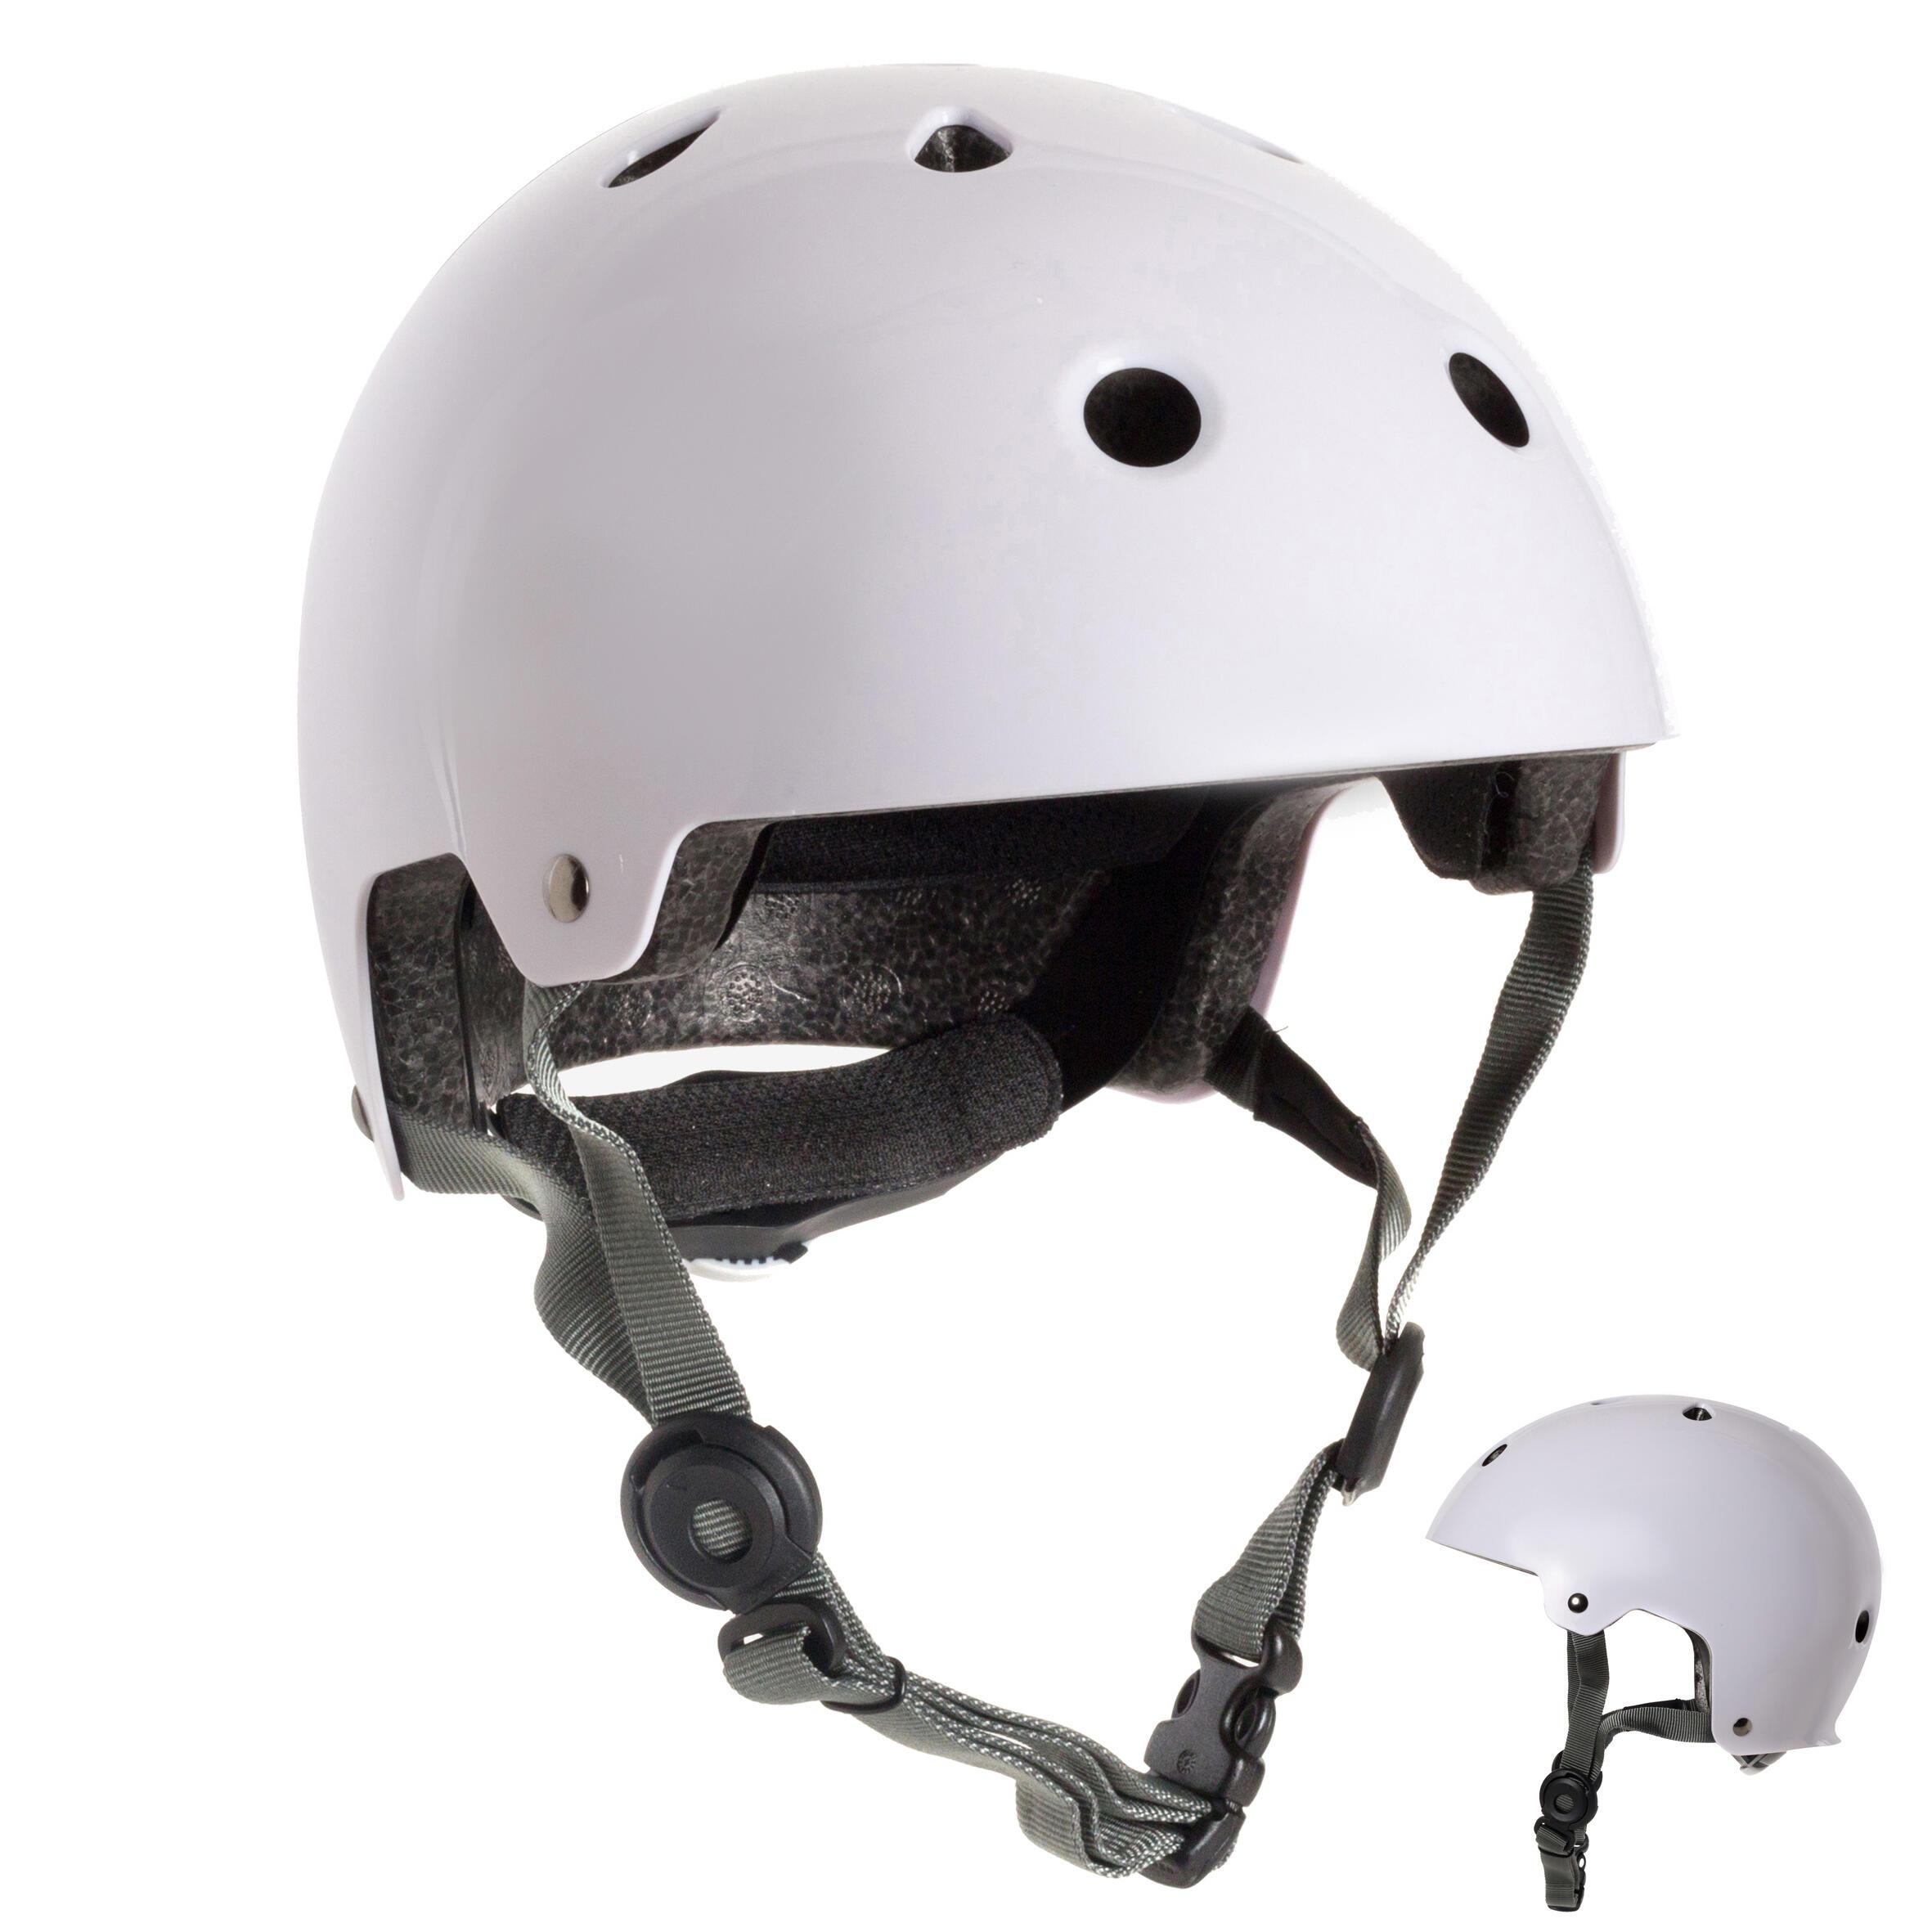 Casco para patines, patineta, patín del diablo y bicicleta PLAY 5 blanco